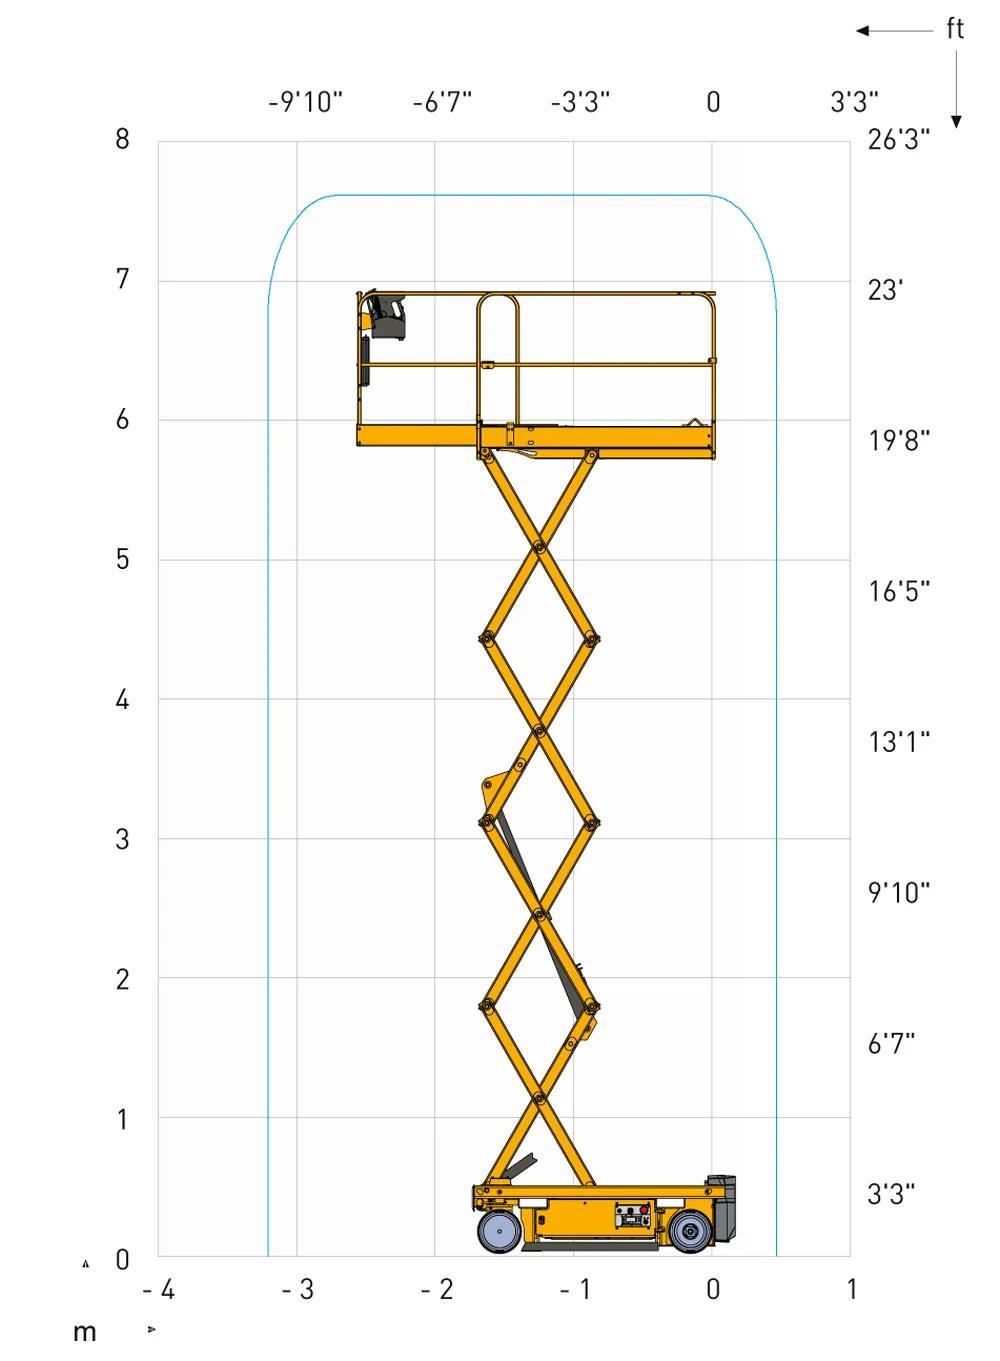 Haulotte 8米电动剪叉 OPTIMUM 8